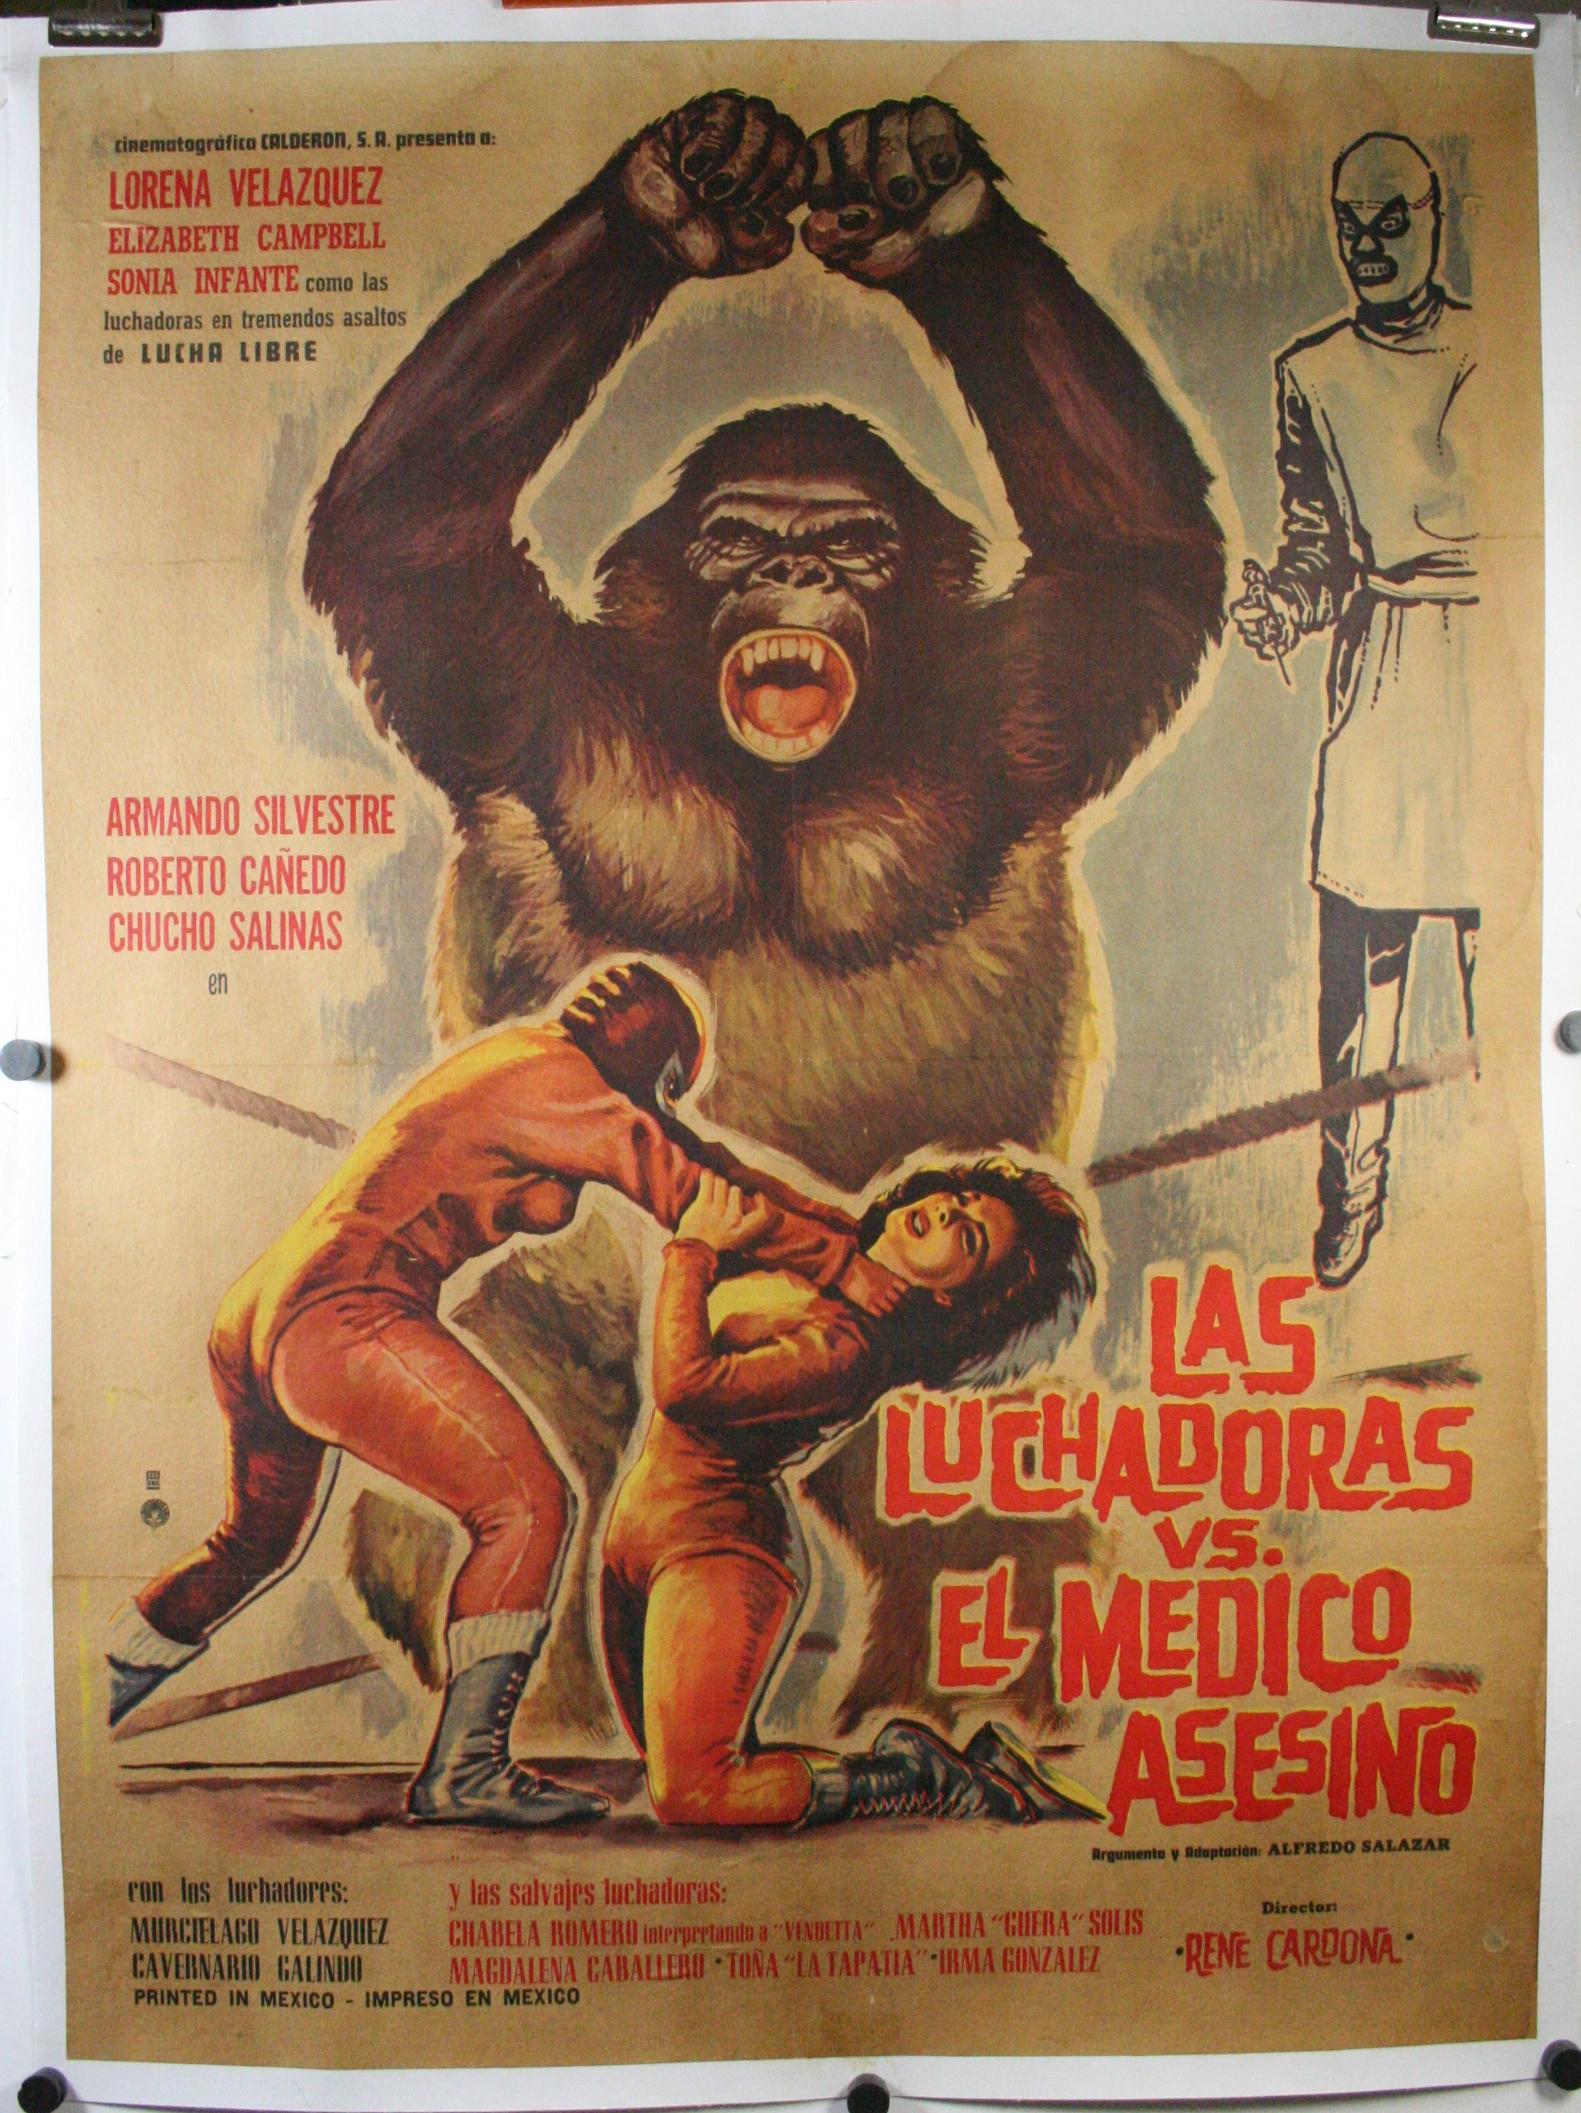 las luchadoras vs el medico asesino original mexican